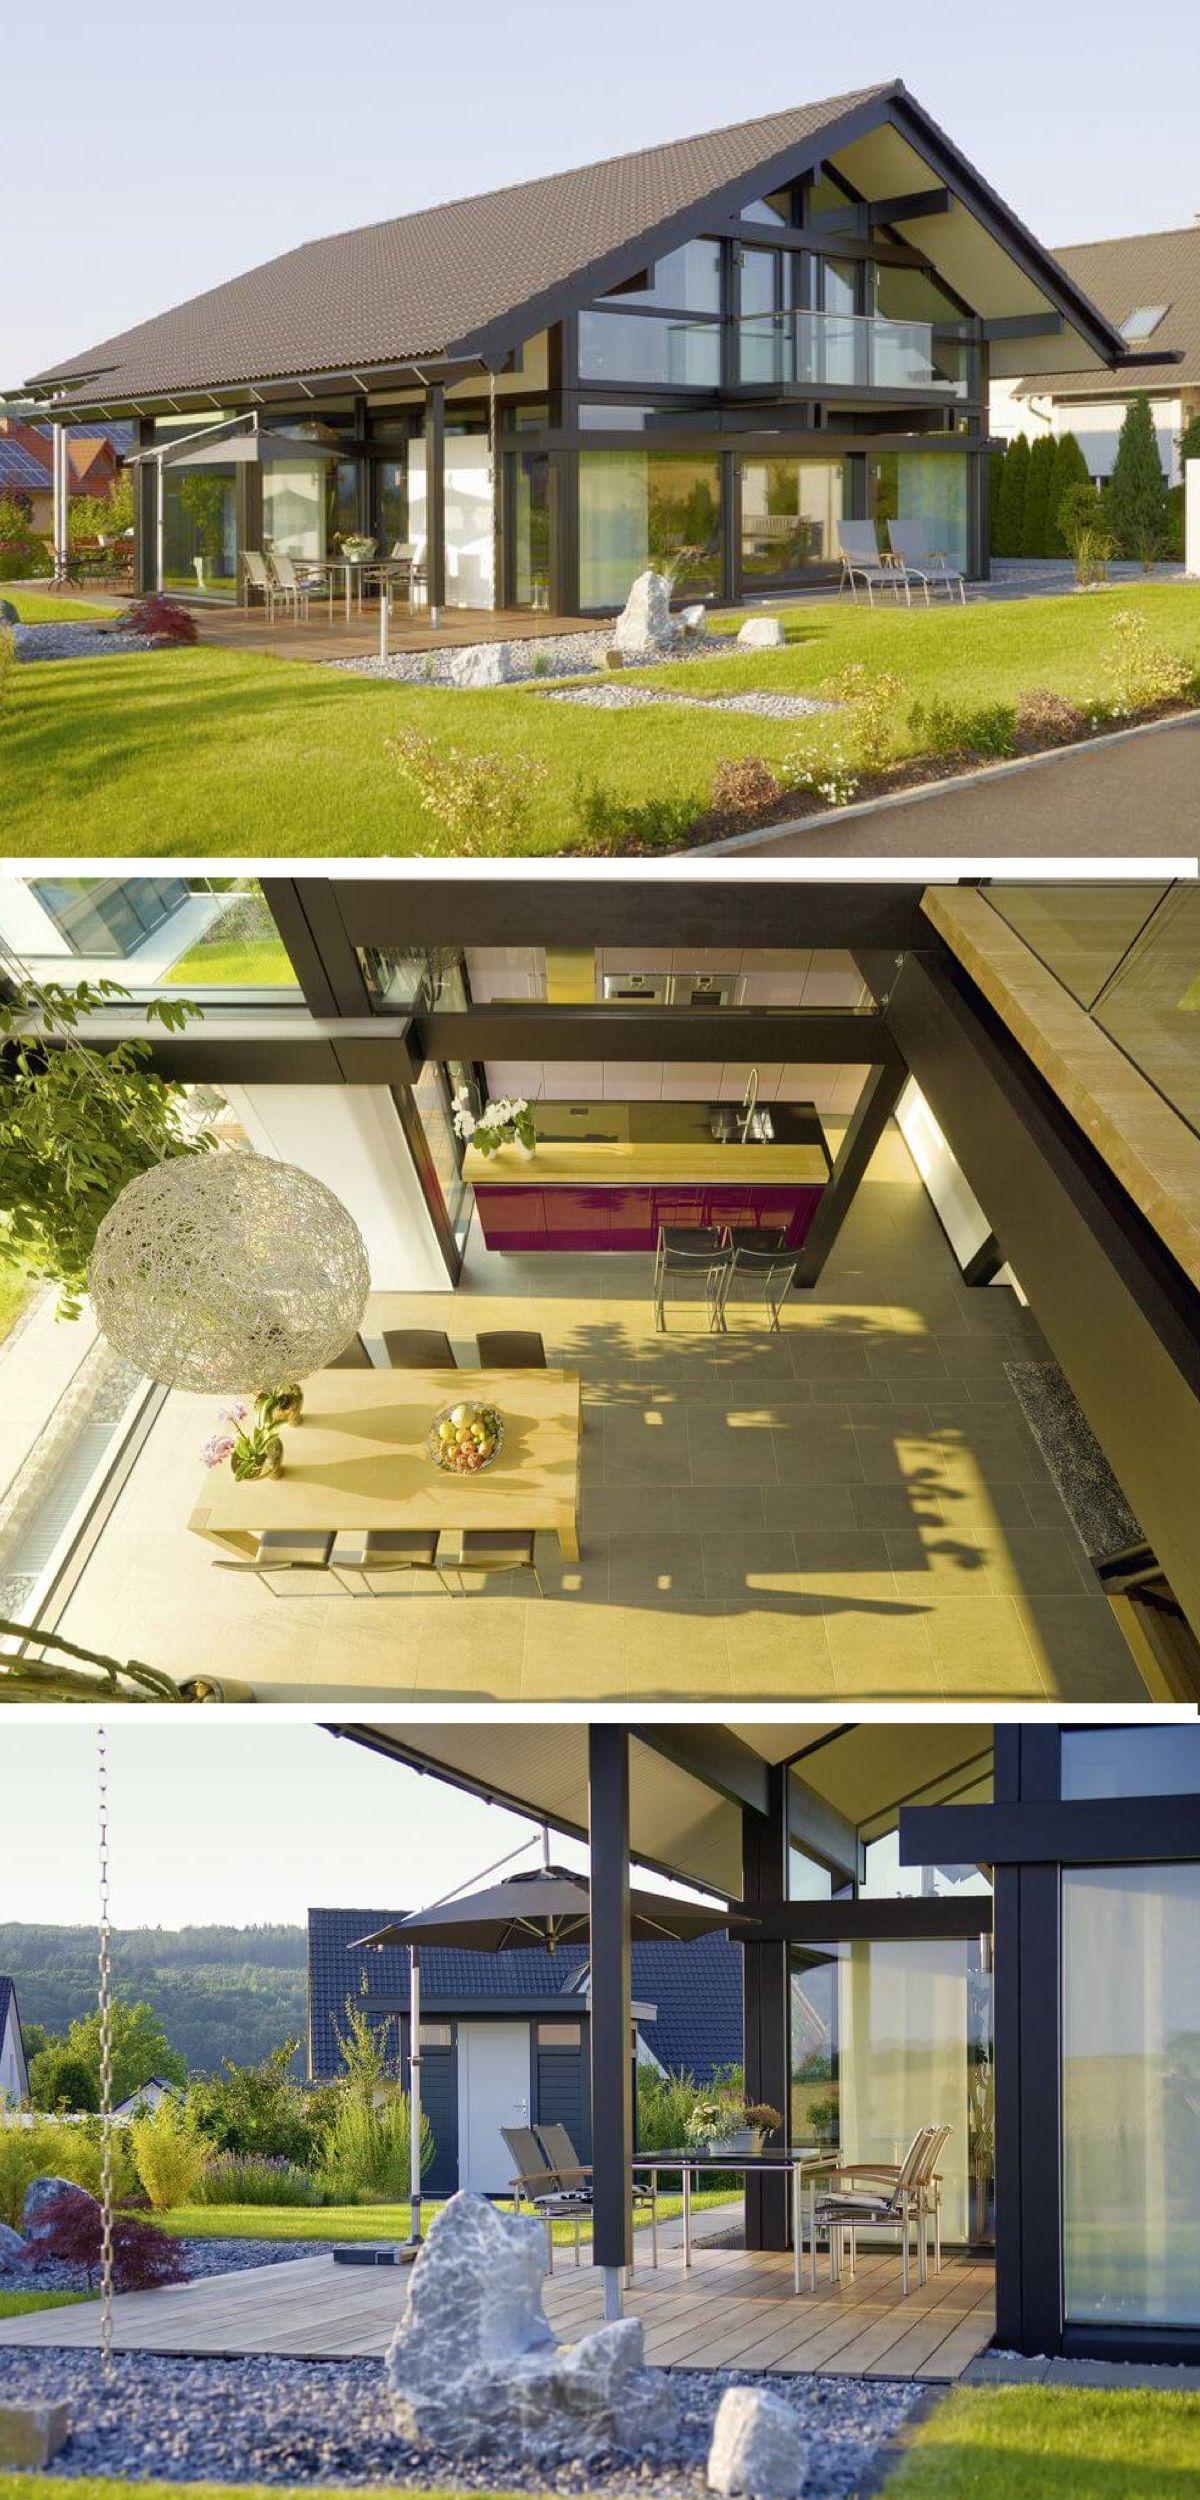 Modernes Fachwerkhaus mit Galerie und Satteldach